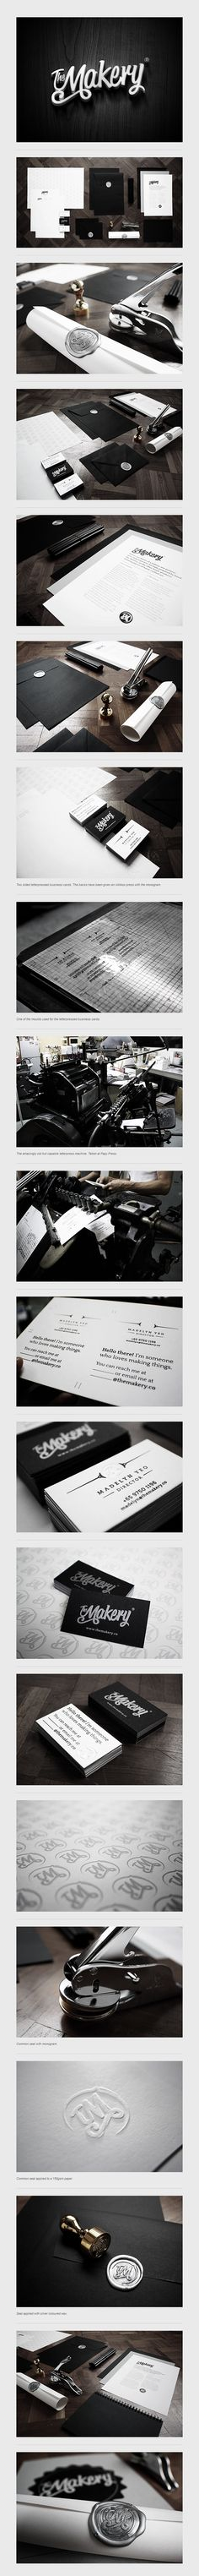 The Makery / David Goh / prachtige uitwerking van huisstijl Brand Identity Design, Corporate Design, Corporate Identity, Graphic Design Typography, Graphic Design Illustration, Visual Identity, Branding Design, Logo Design, Web Design